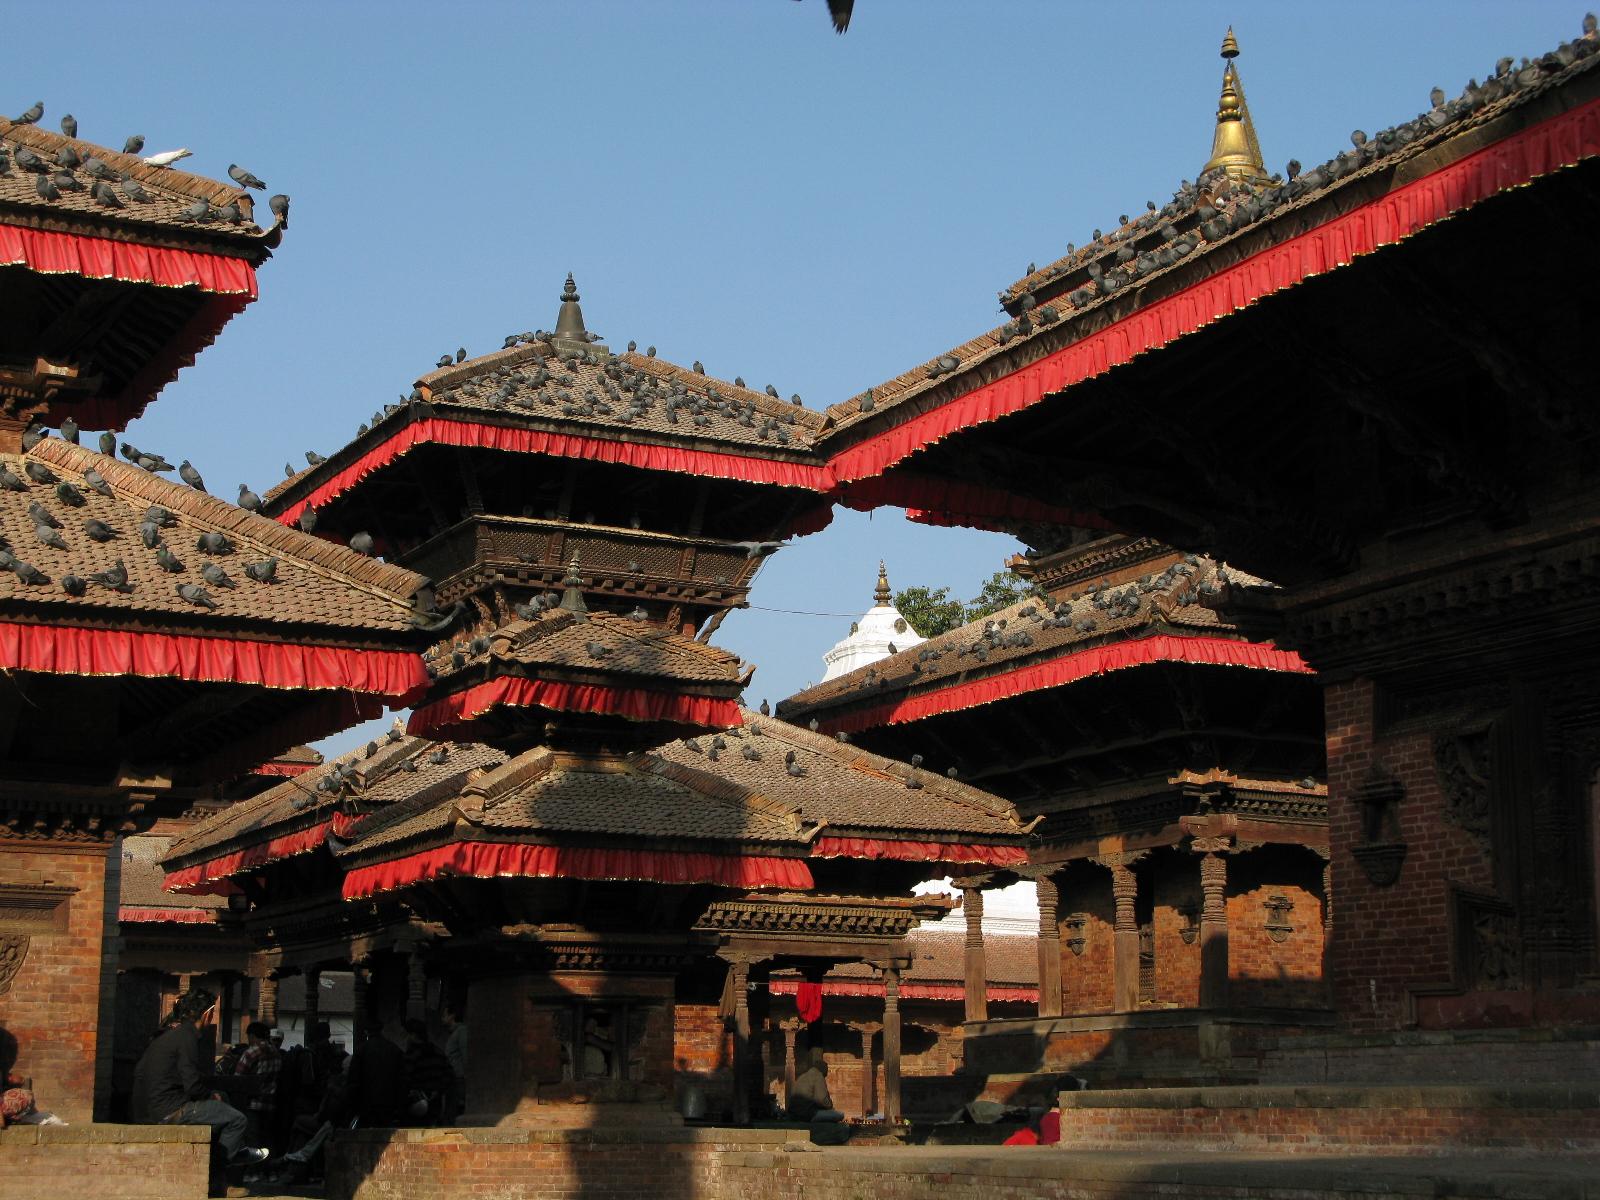 アジア旅行好きのおっさんブログ・レポート